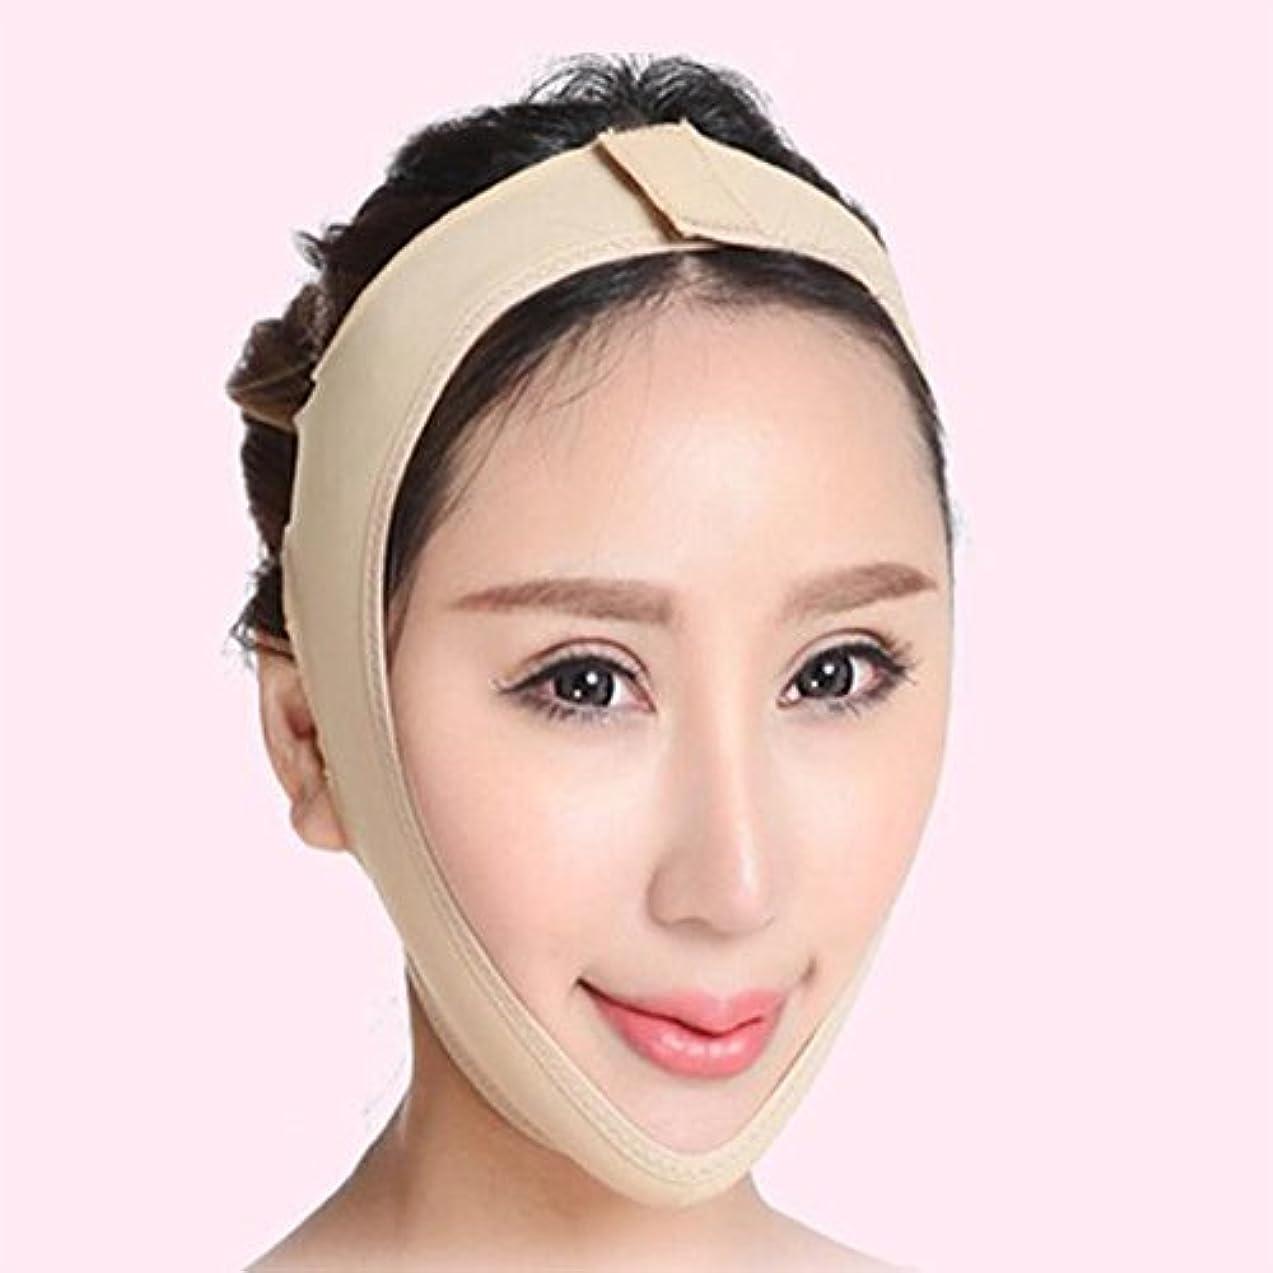 新鮮なラッシュホールドオールSD 小顔 小顔マスク リフトアップ マスク フェイスライン 矯正 あご シャープ メンズ レディース Lサイズ AZD15003-L